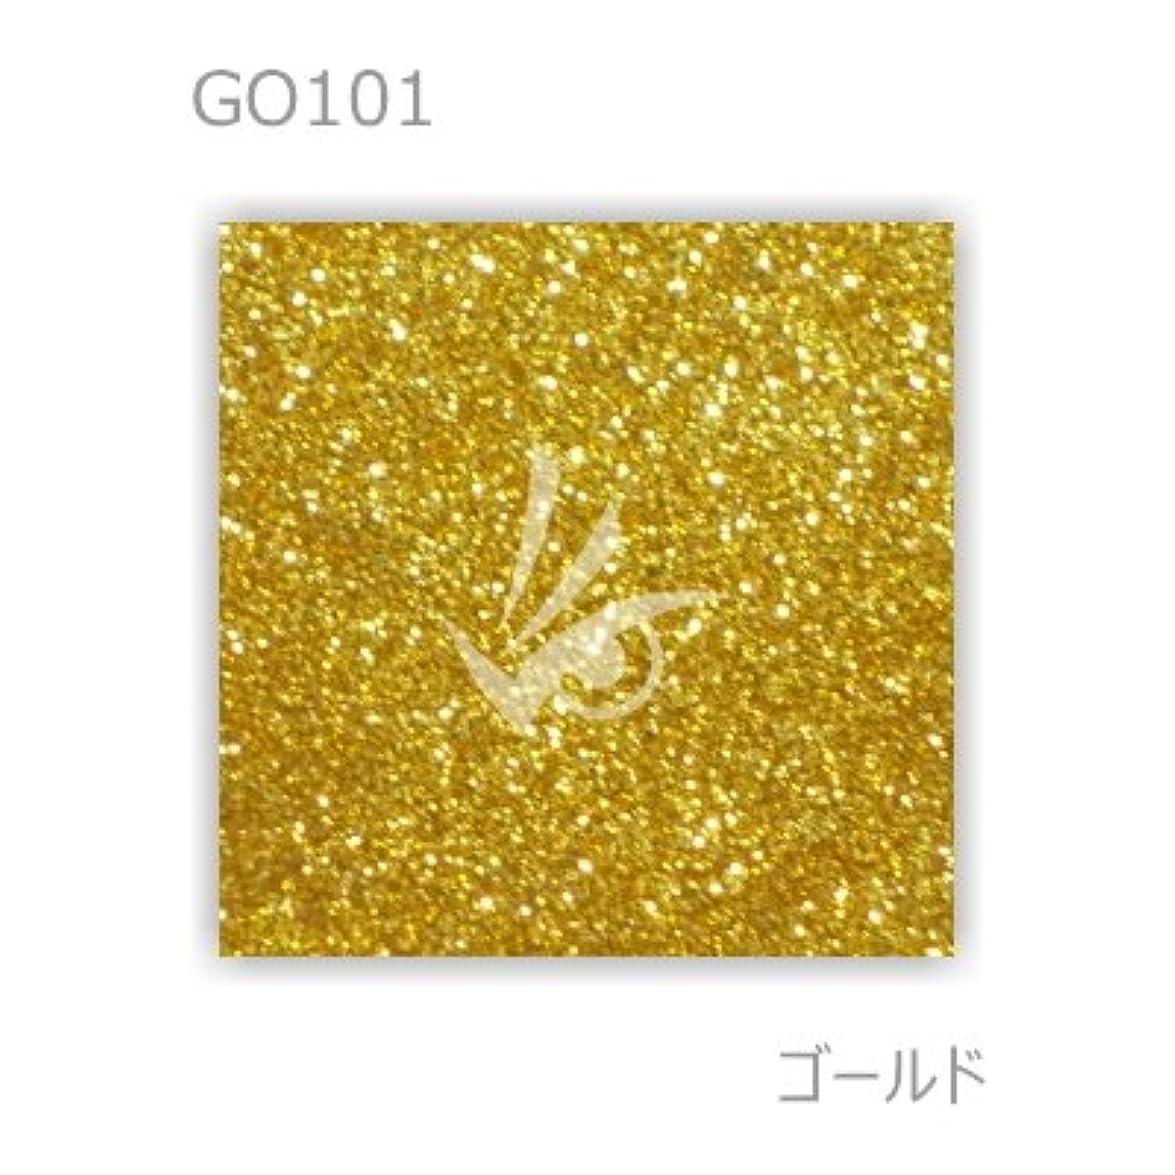 パンツチャンス概要業務用 グリッター ラメパウダー ホログラム (ゴールド) (1kg) (0.1mm)